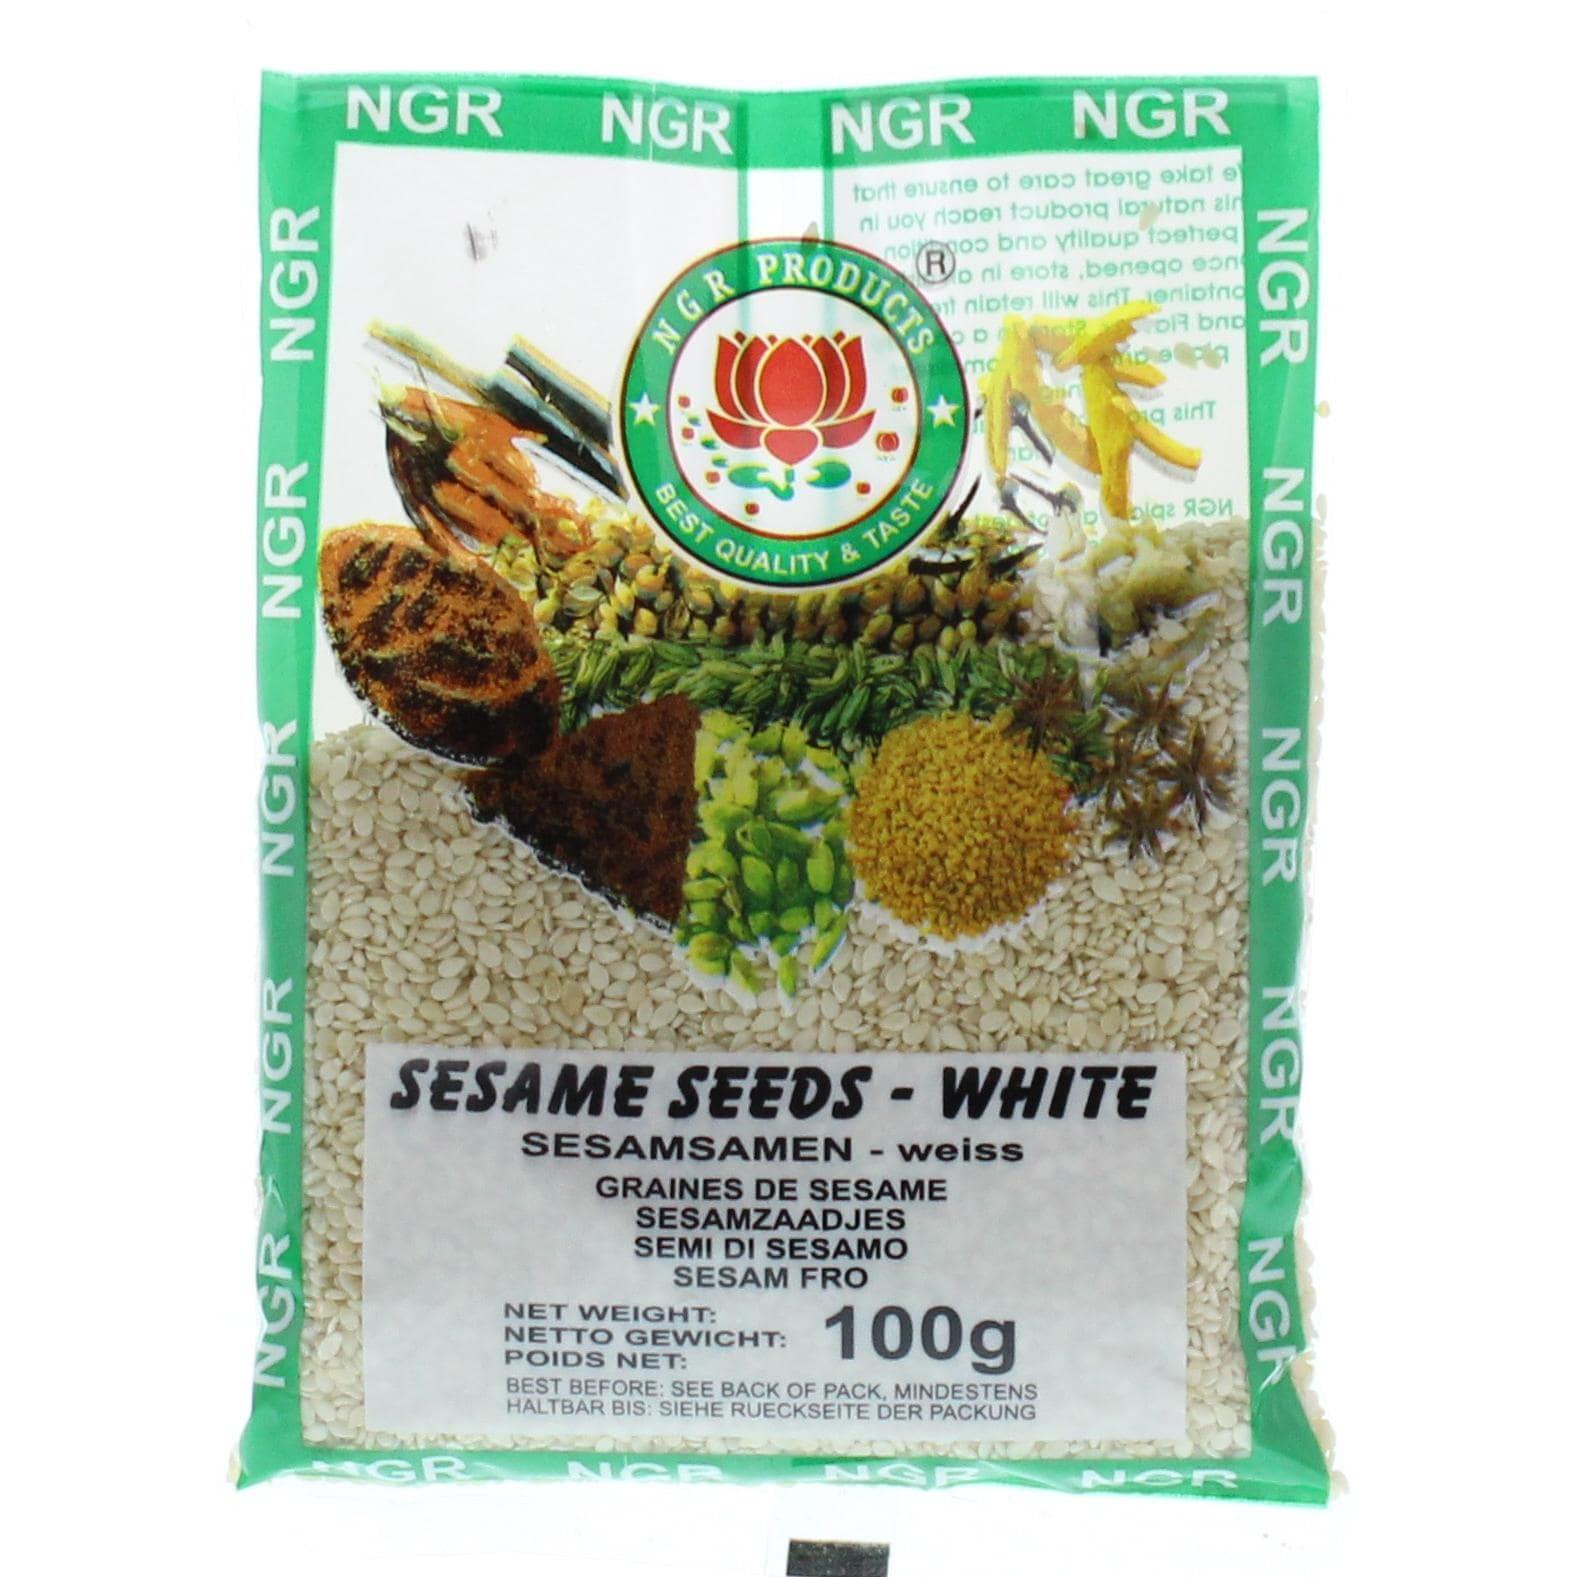 NGR Products - Sesamsamen weiß - 100g